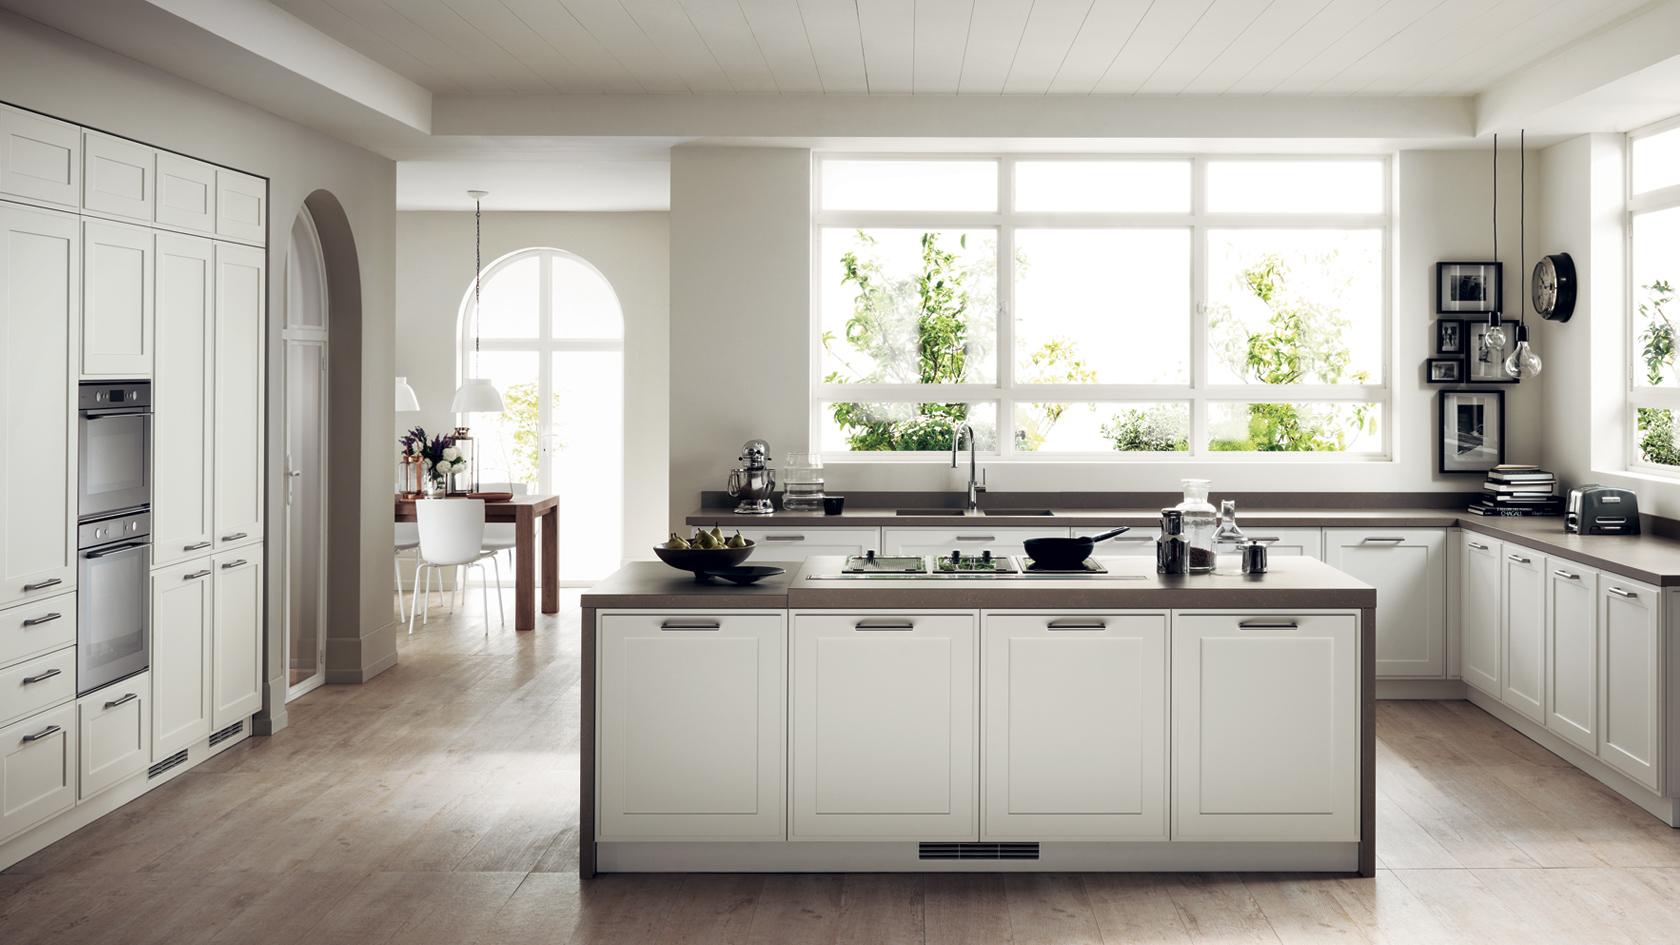 Favilla è la cucina di stile per arredare di tendenza la tua casa